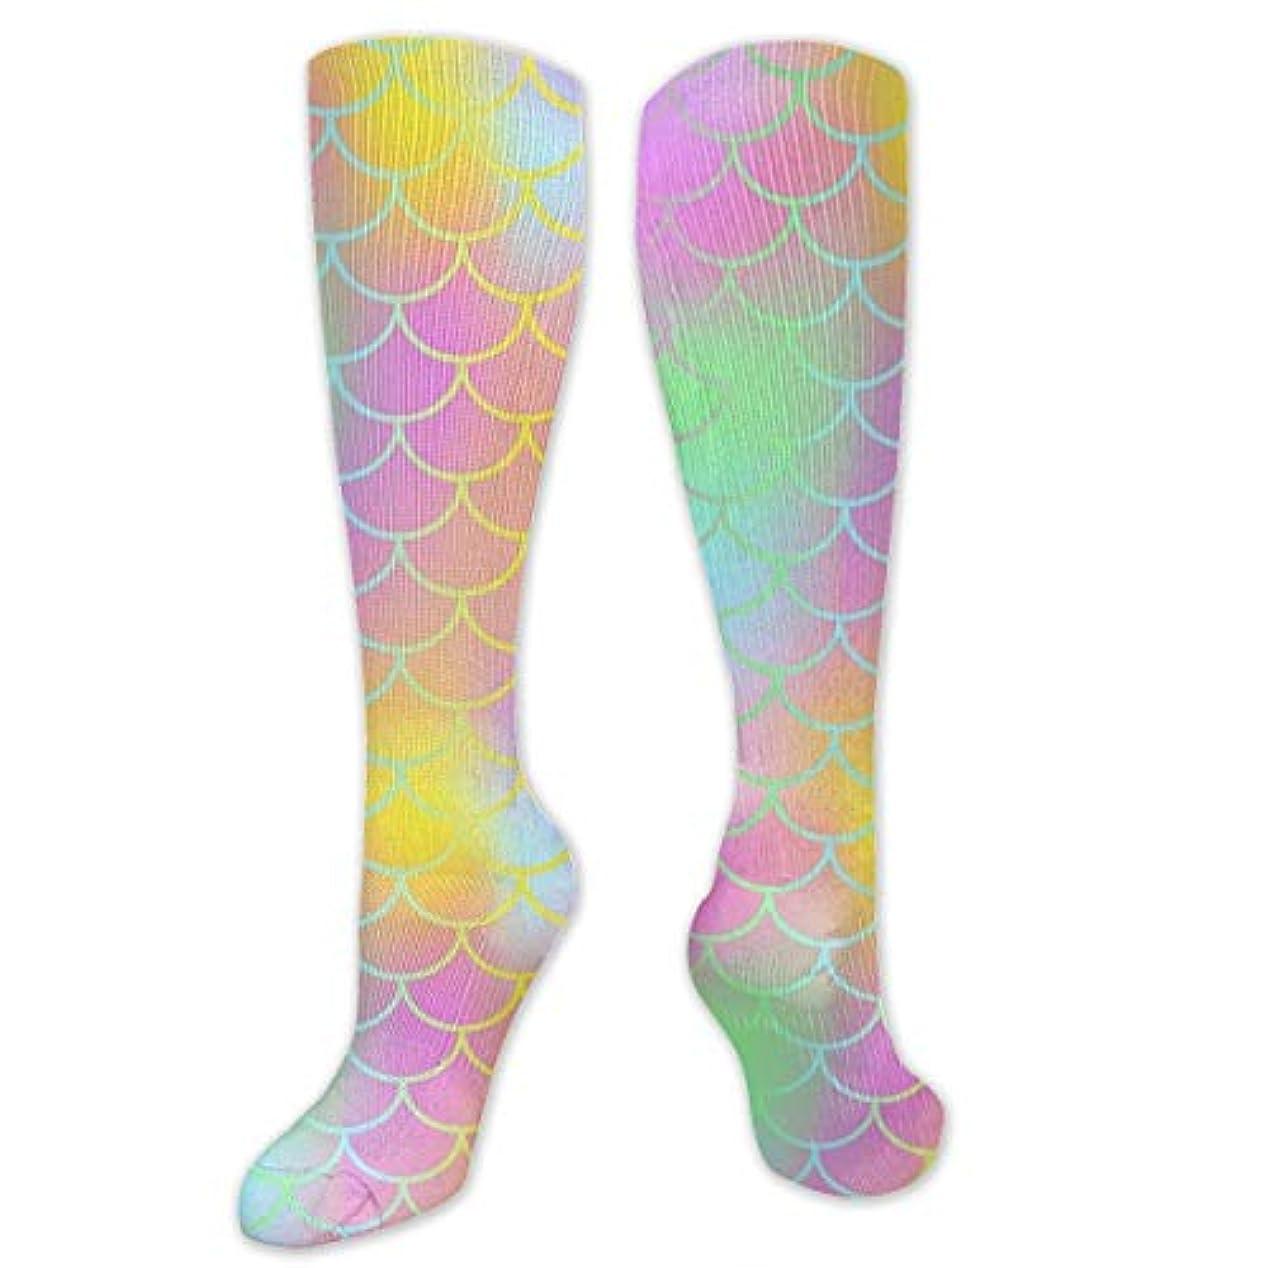 みぞれ本当に土器QRRIYカラフルマジックマーメイド尾- 3 D抗菌アスレチックソックス圧縮靴下クルーソックスロングスポーツ膝ハイソックス少年少女キッズ幼児